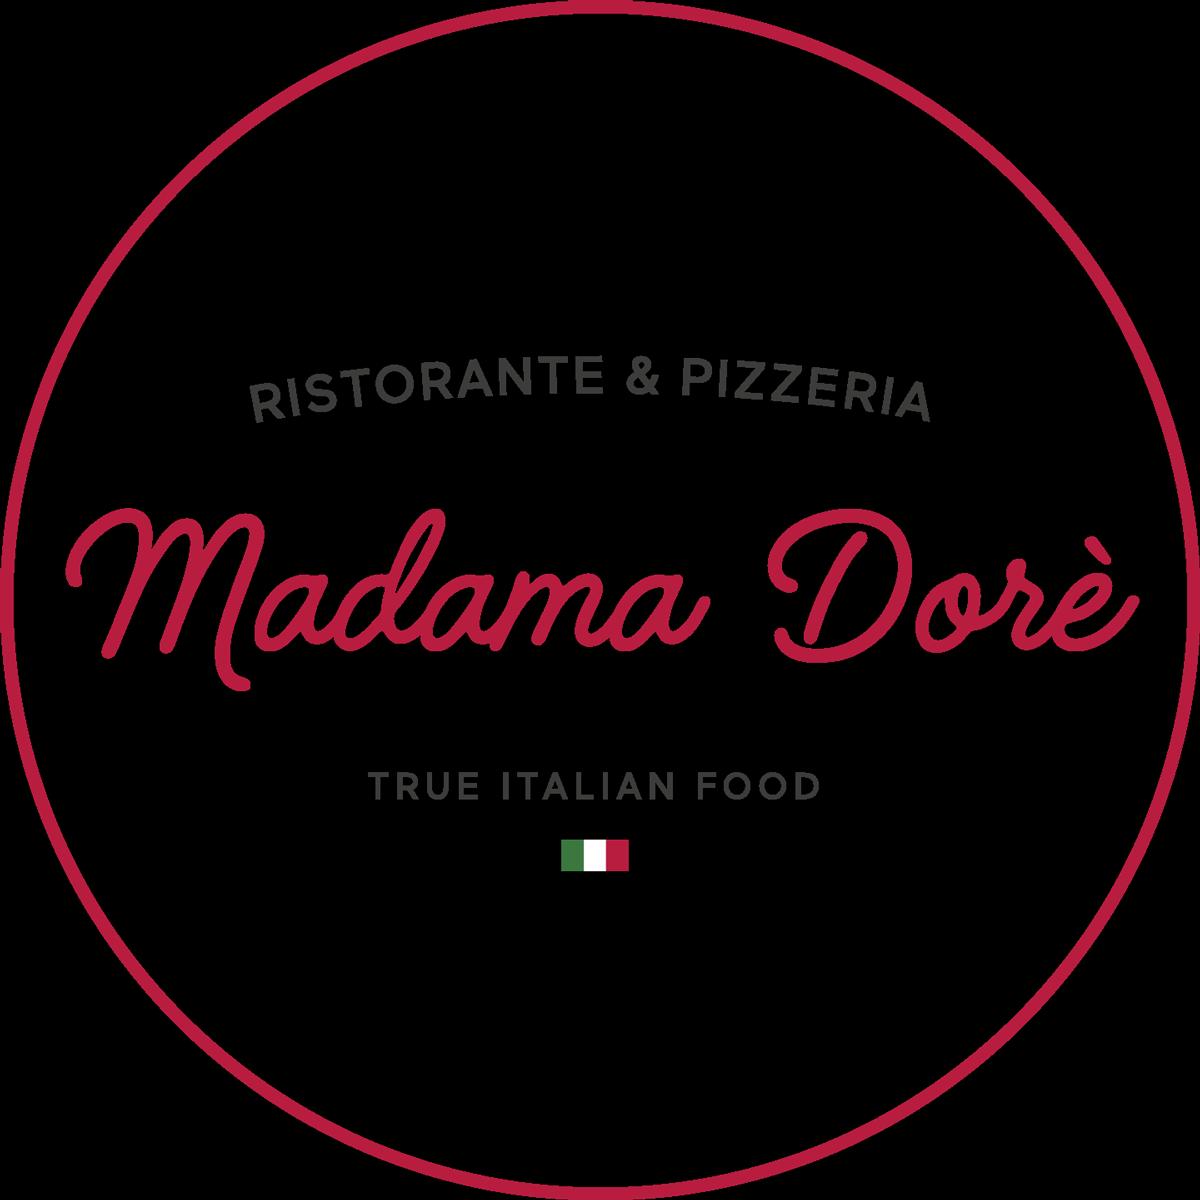 madamadore-logo